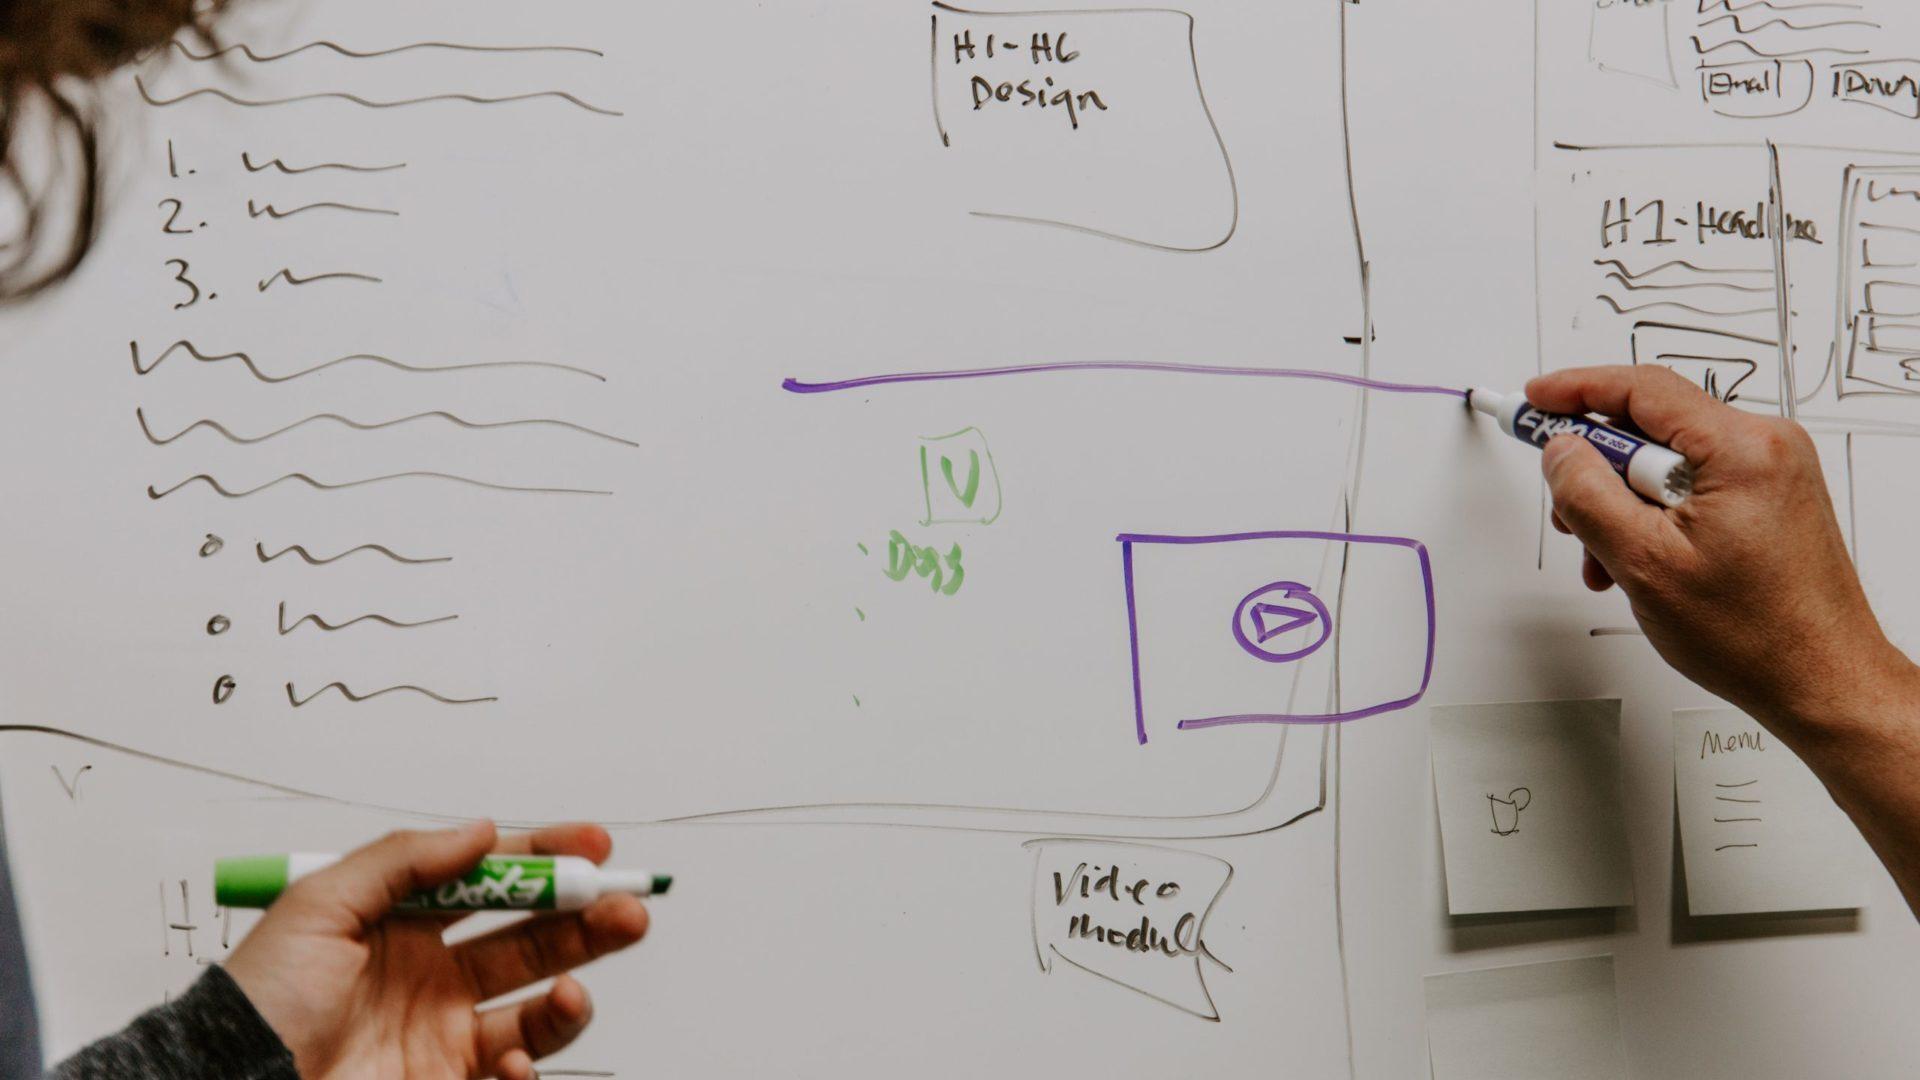 事業計画をホワイトボードに書いている画像